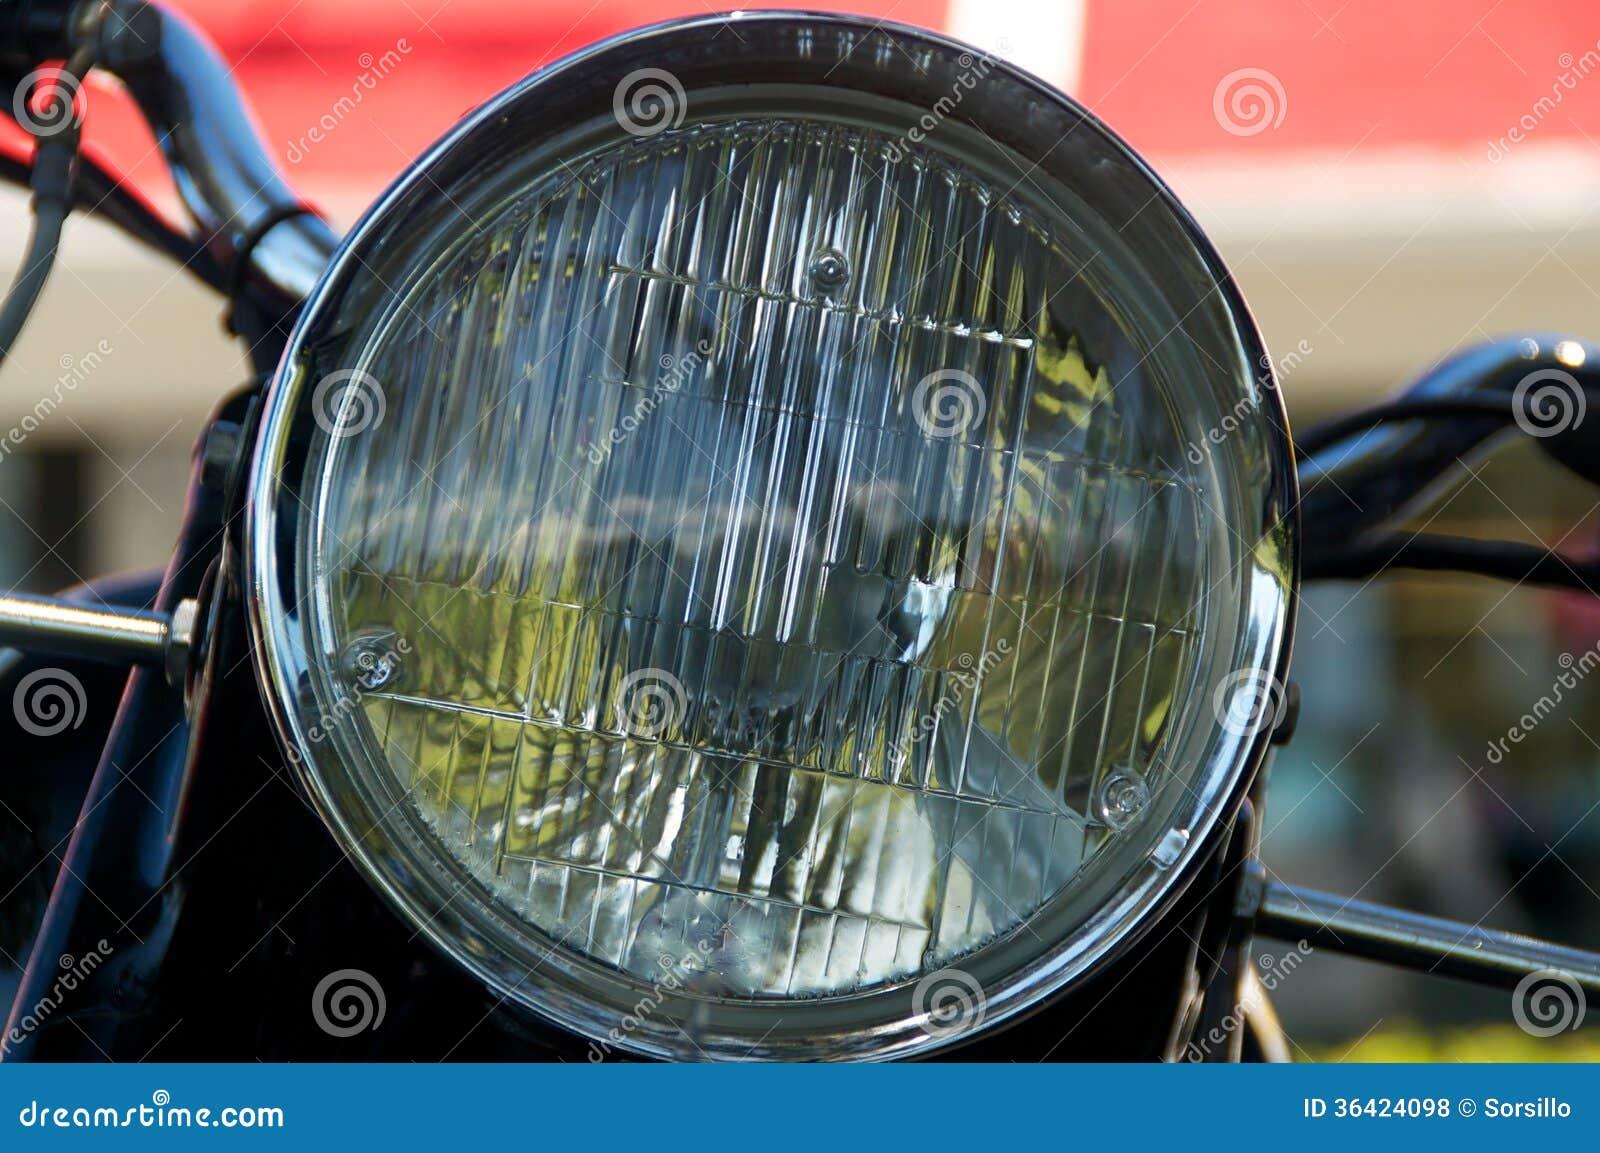 Vintage Motorcycle Headlights 33